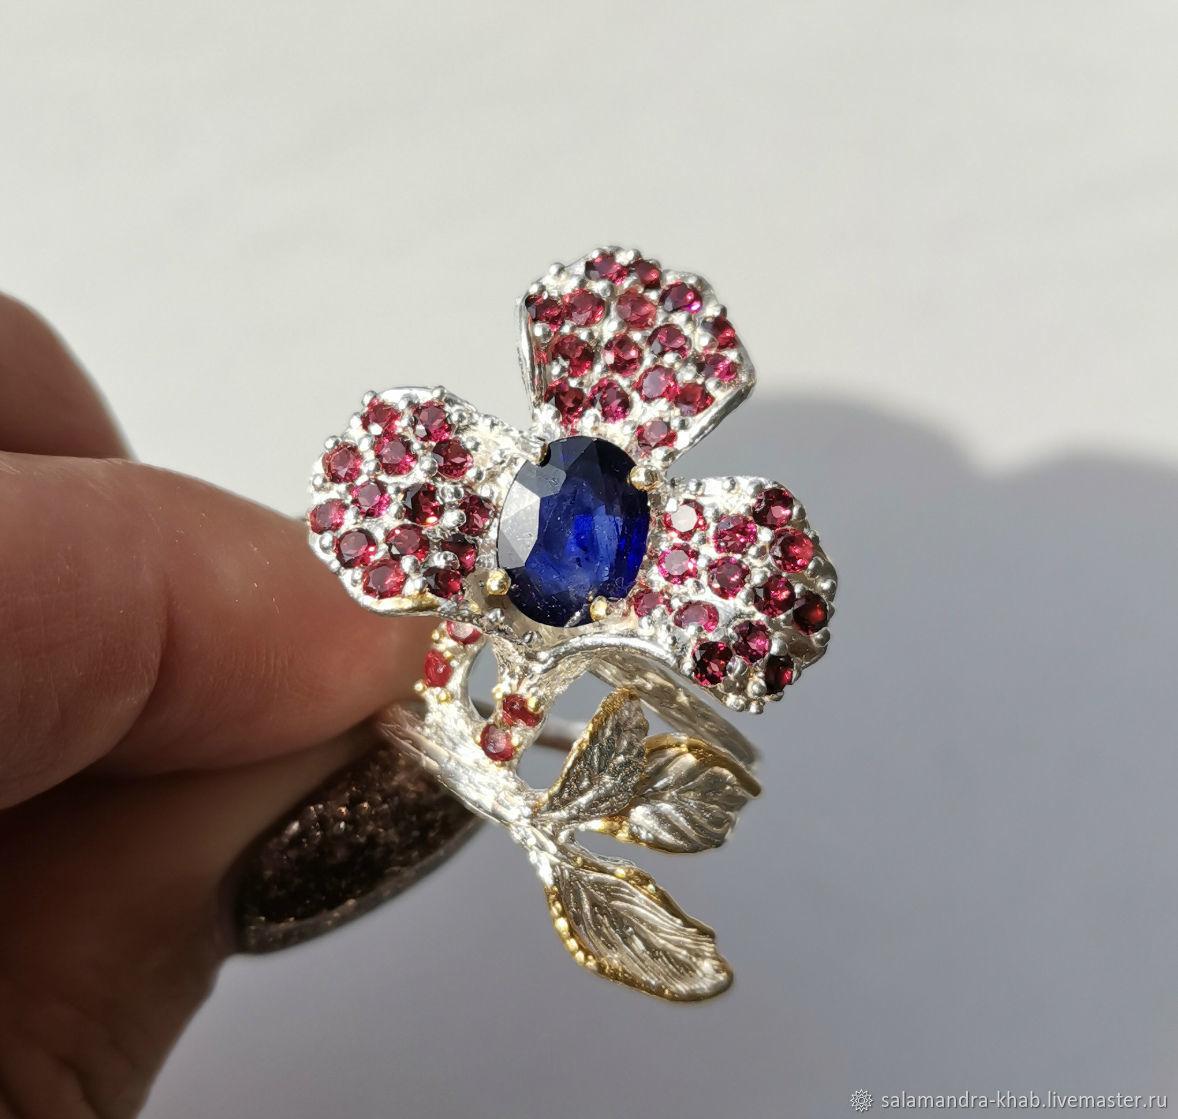 Кольцо Дикая орхидея с натуральным сапфиром 2,2 ct. Серебро 925 пробы, Кольца, Хабаровск,  Фото №1